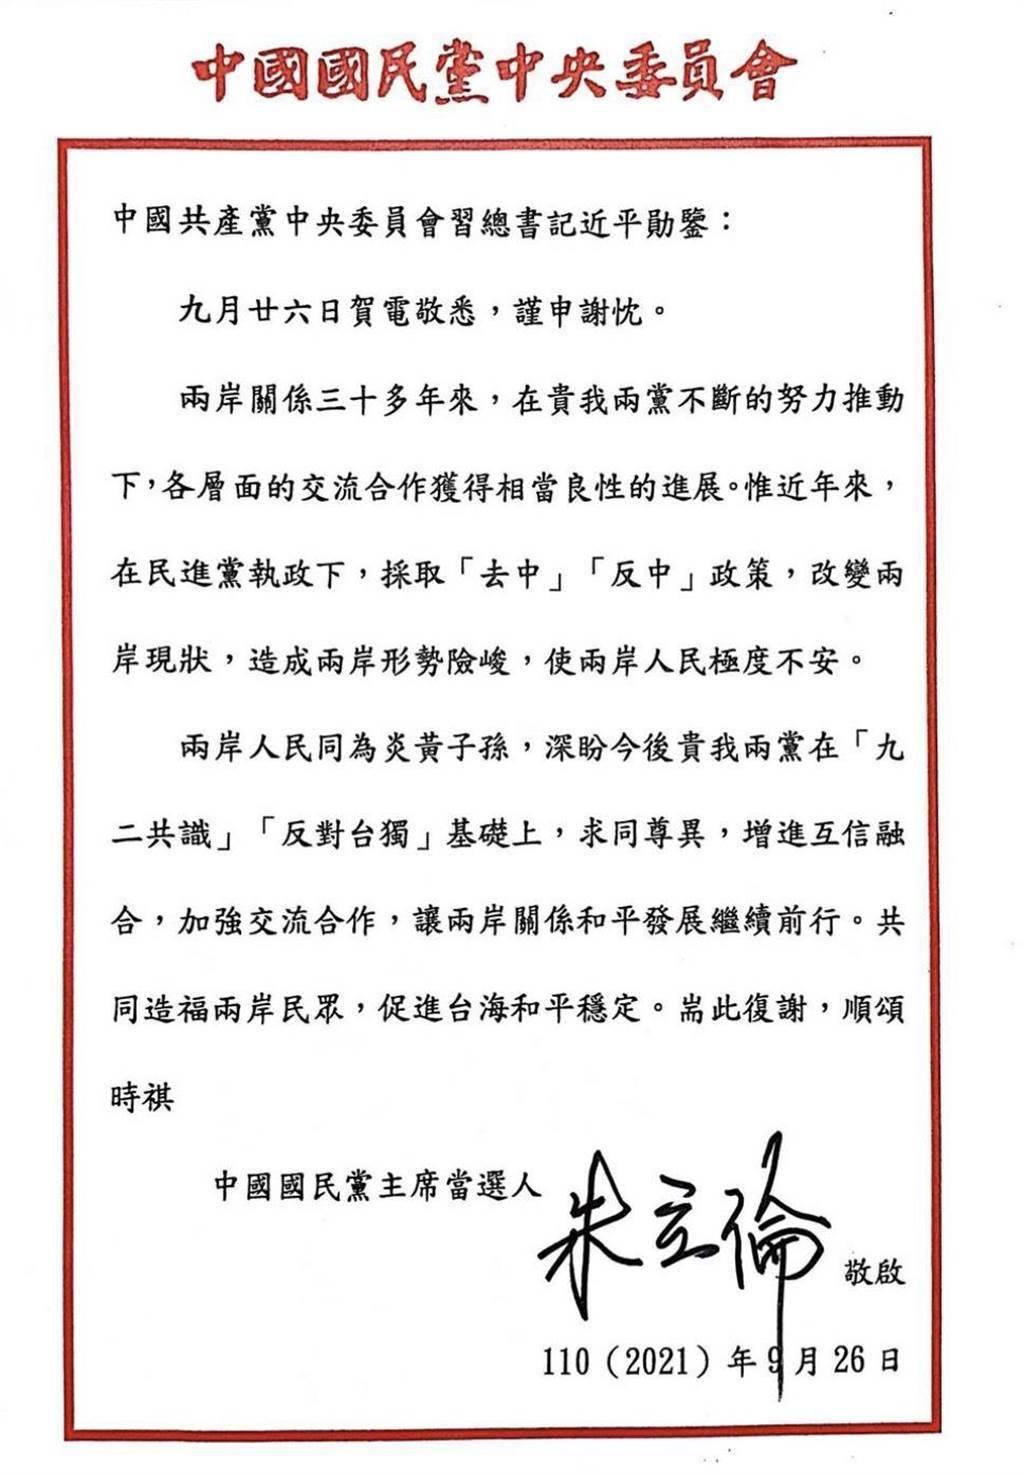 國民黨黨主席當選人朱立倫回覆電文。(朱立倫辦公室提供)